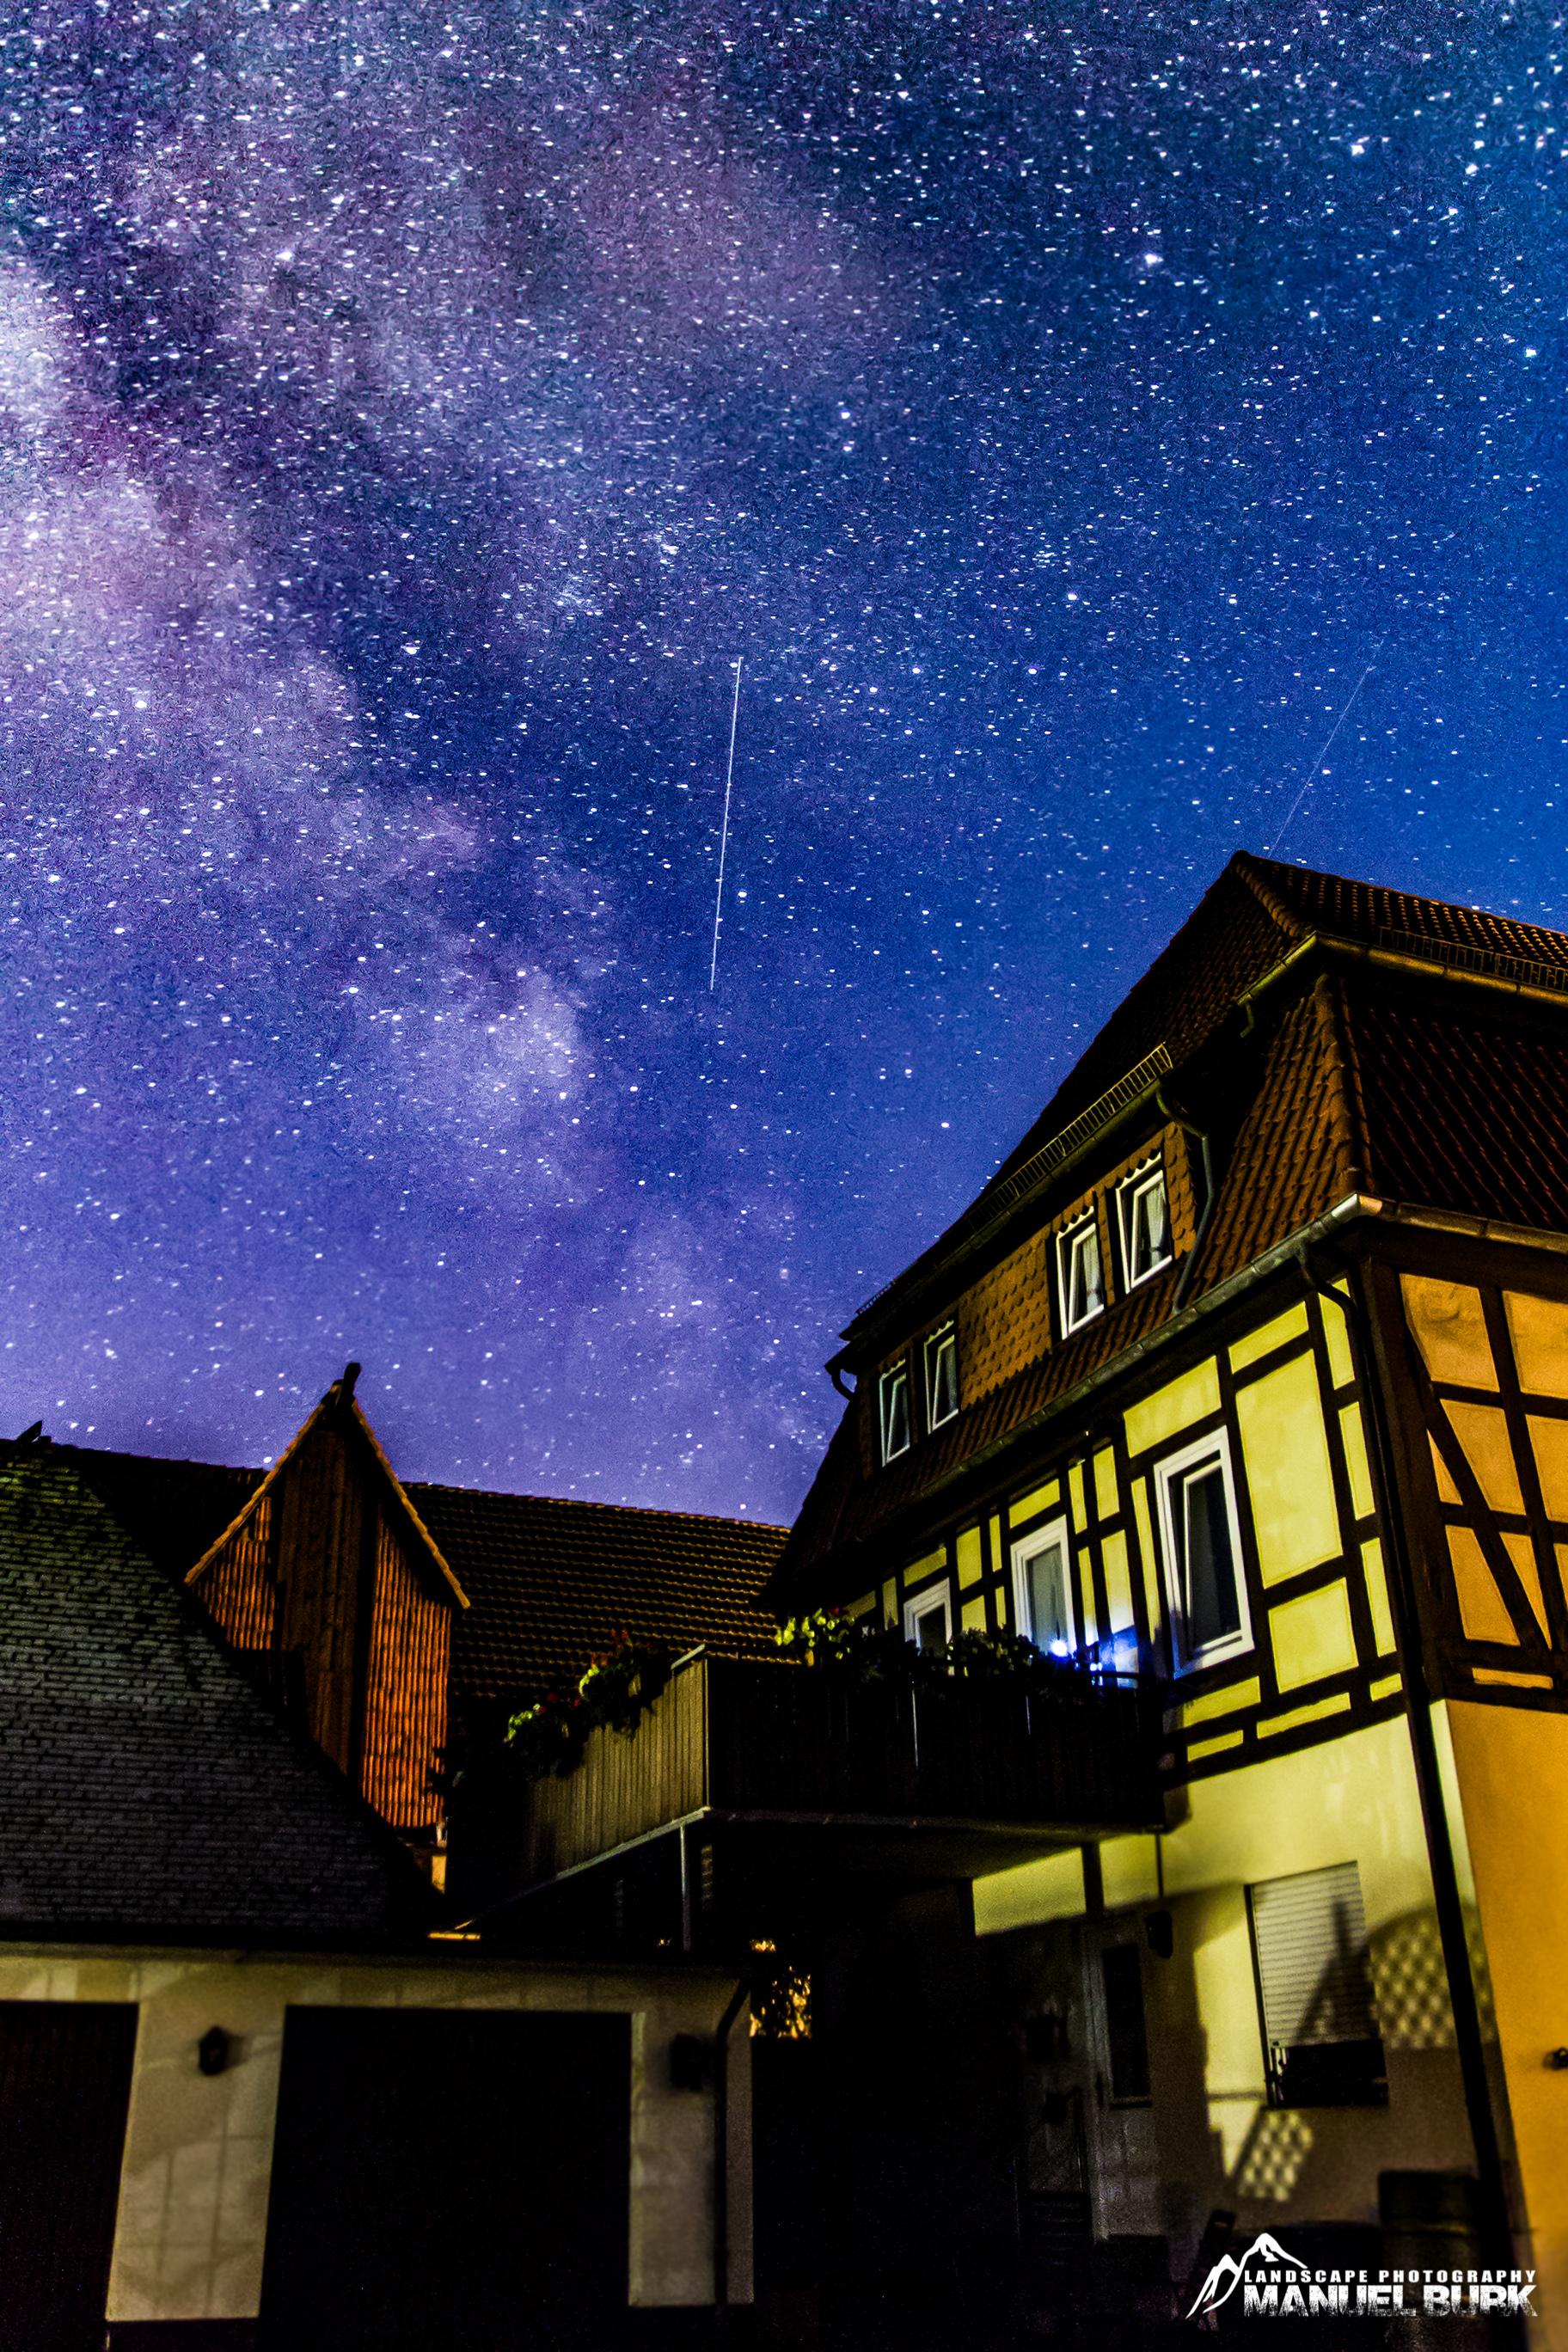 Milchstraße unserem Haus